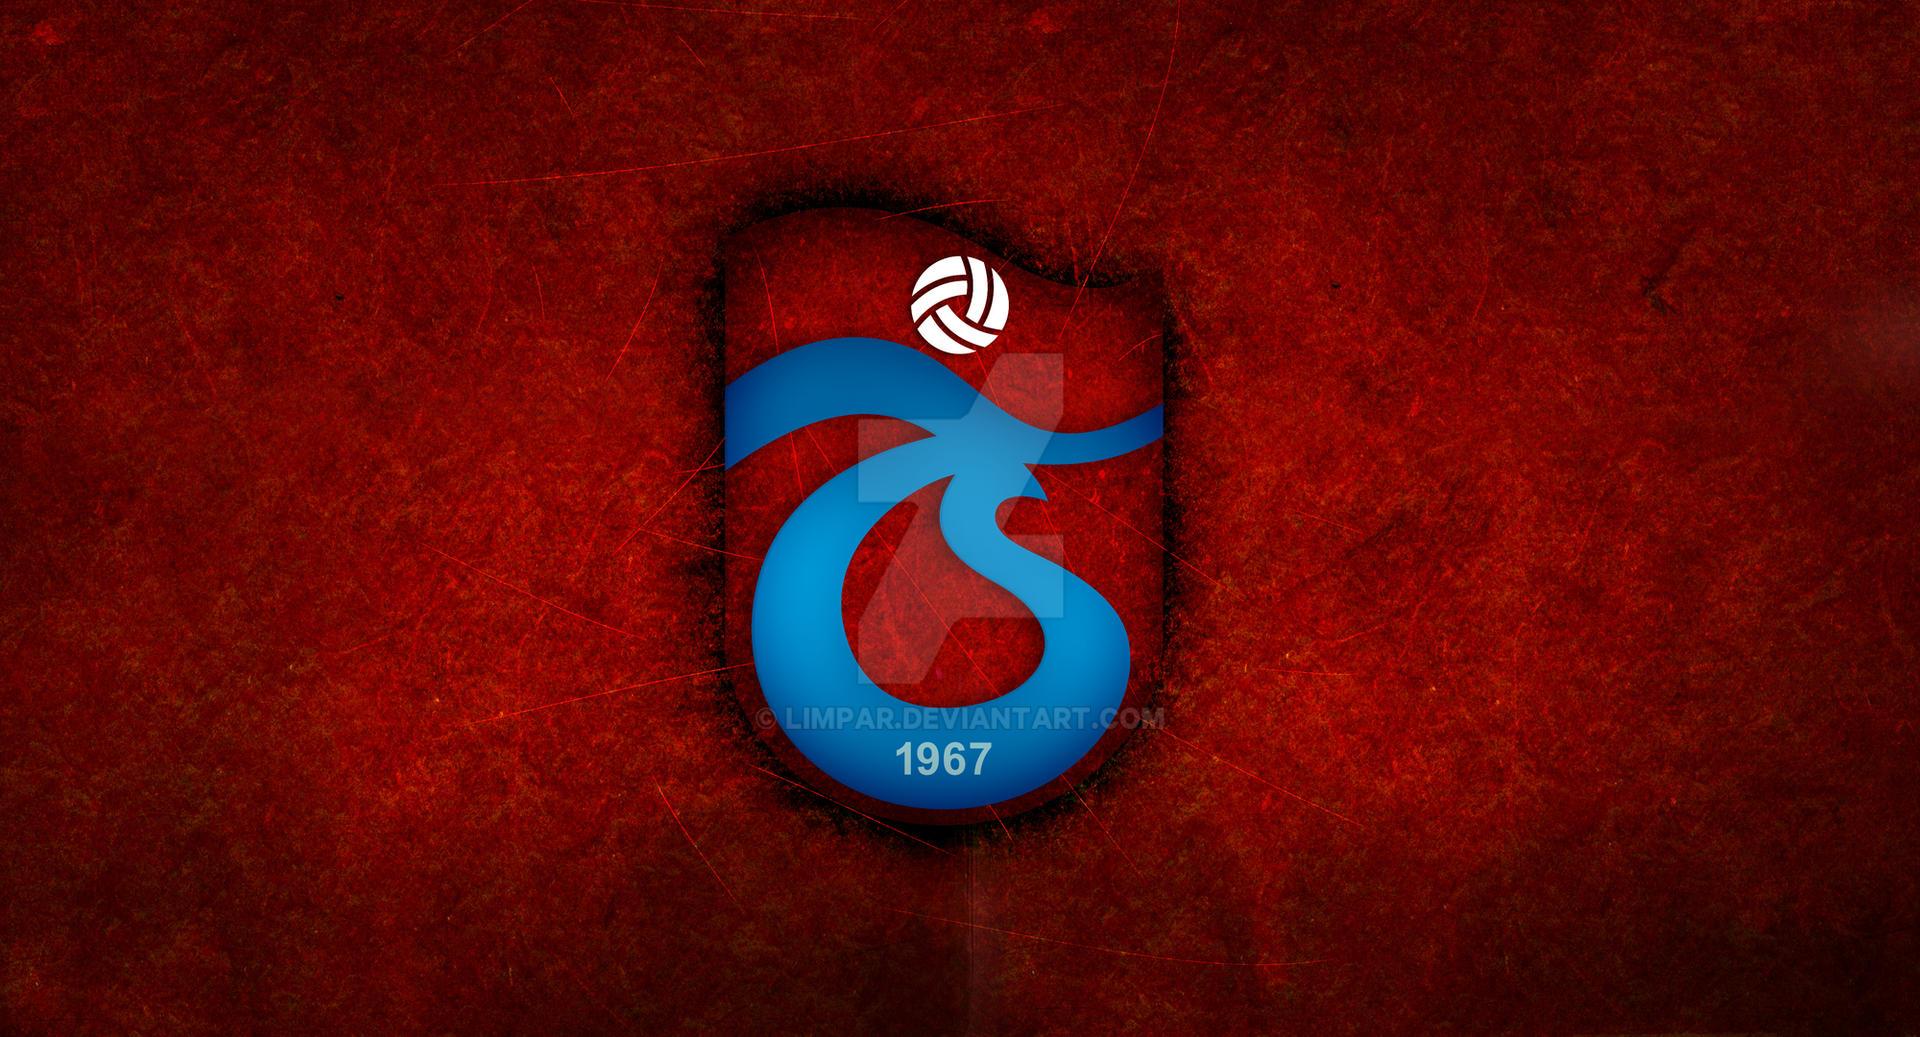 Trabzonspor Wallpaper By LiMPaR On DeviantArt